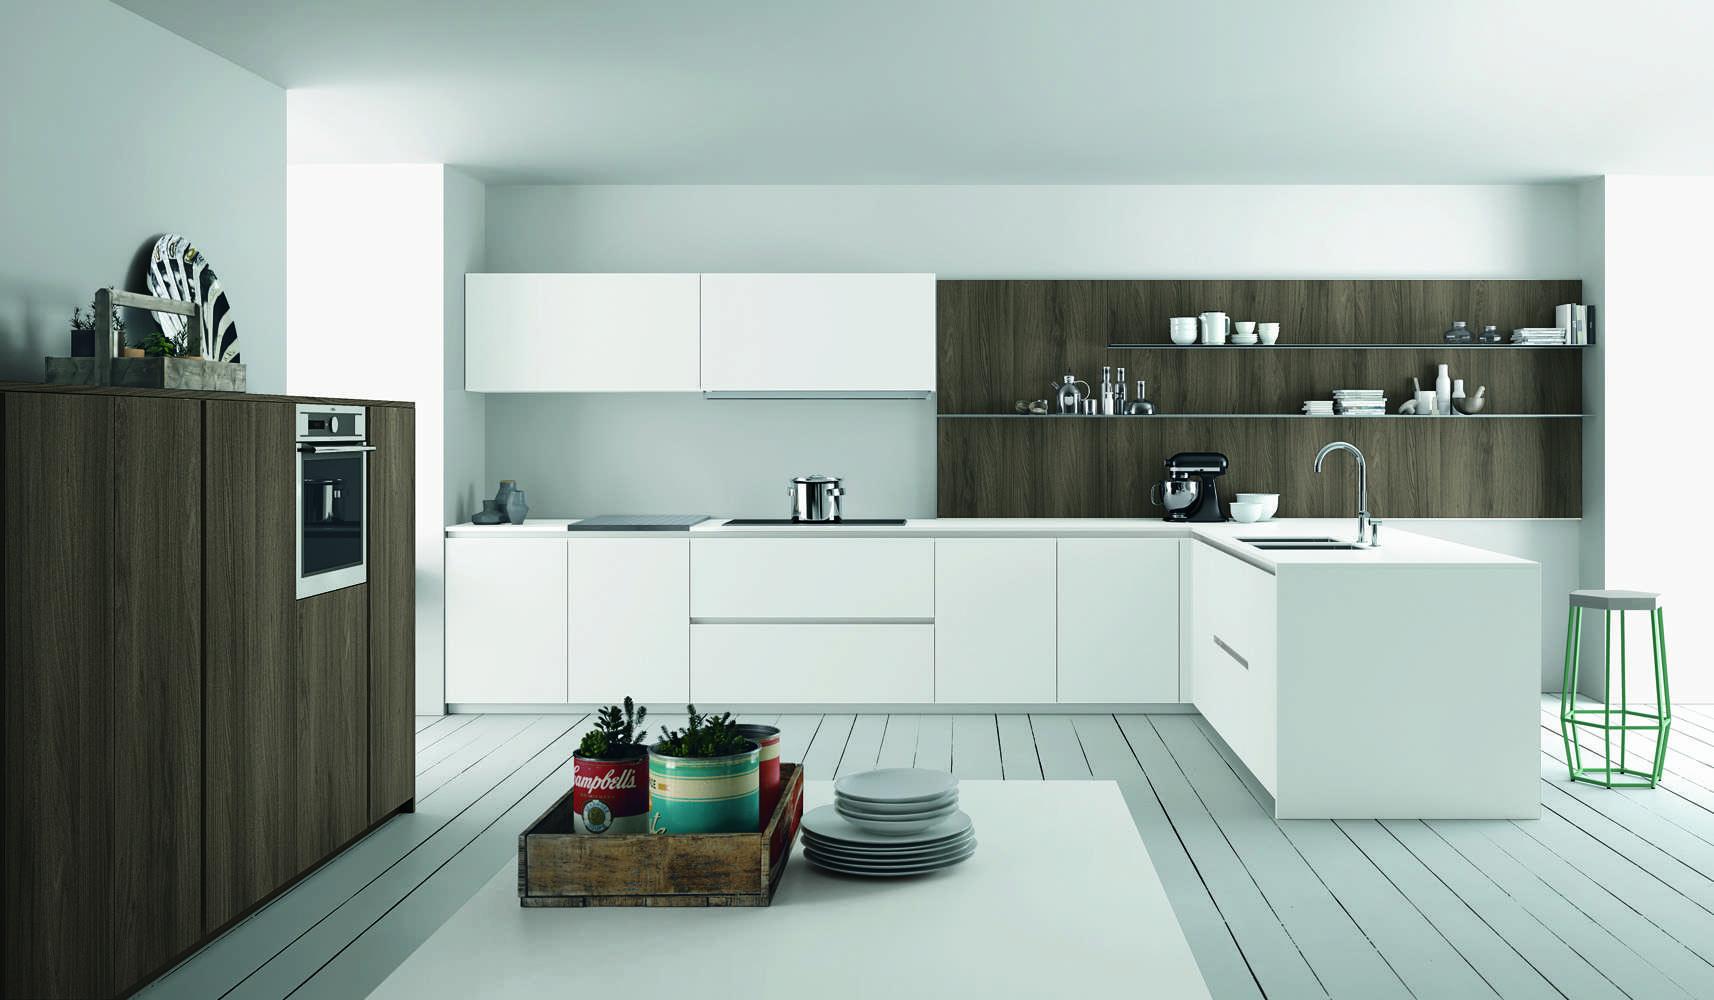 Arredamento e mobili per cucine a Trento  Metrocubo - Metrocubo s.r.l ...